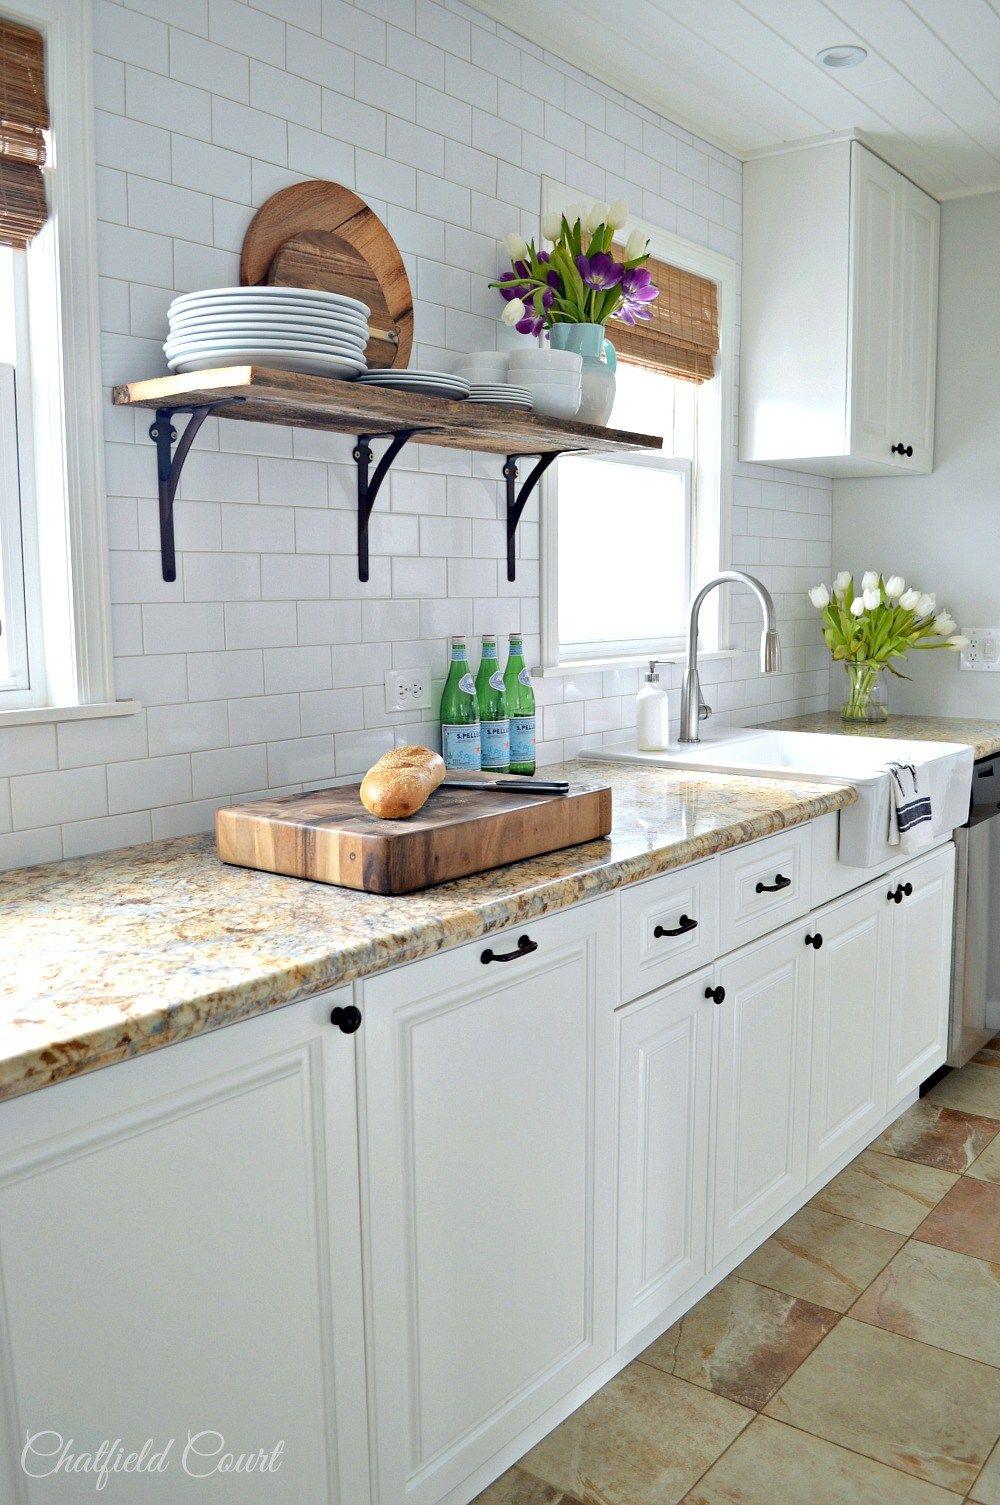 DIY white kitchen remodel for under $3000, Chatfield Court ...